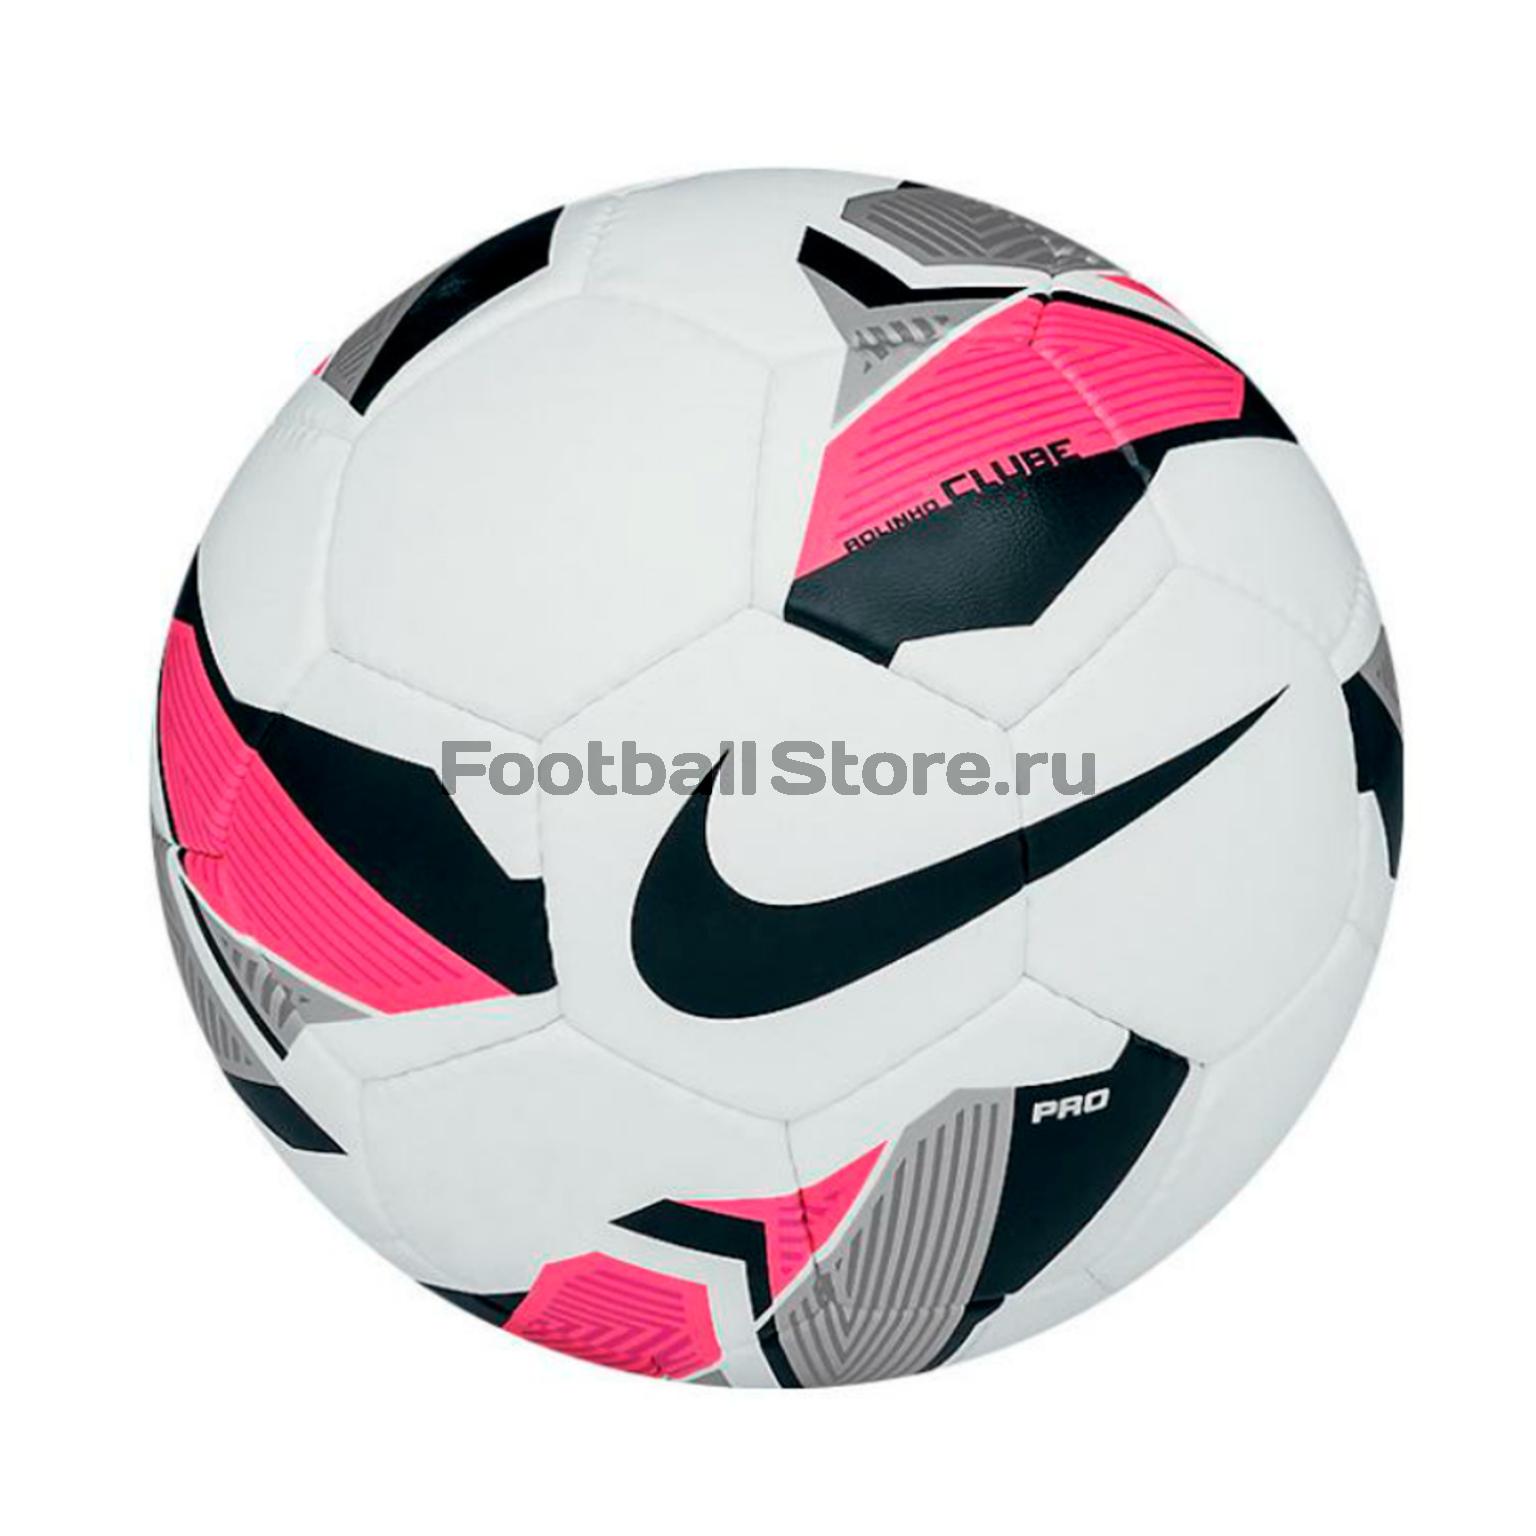 Футзальные Nike Мяч футбольный Nike Rolinho Clube SC2218-160